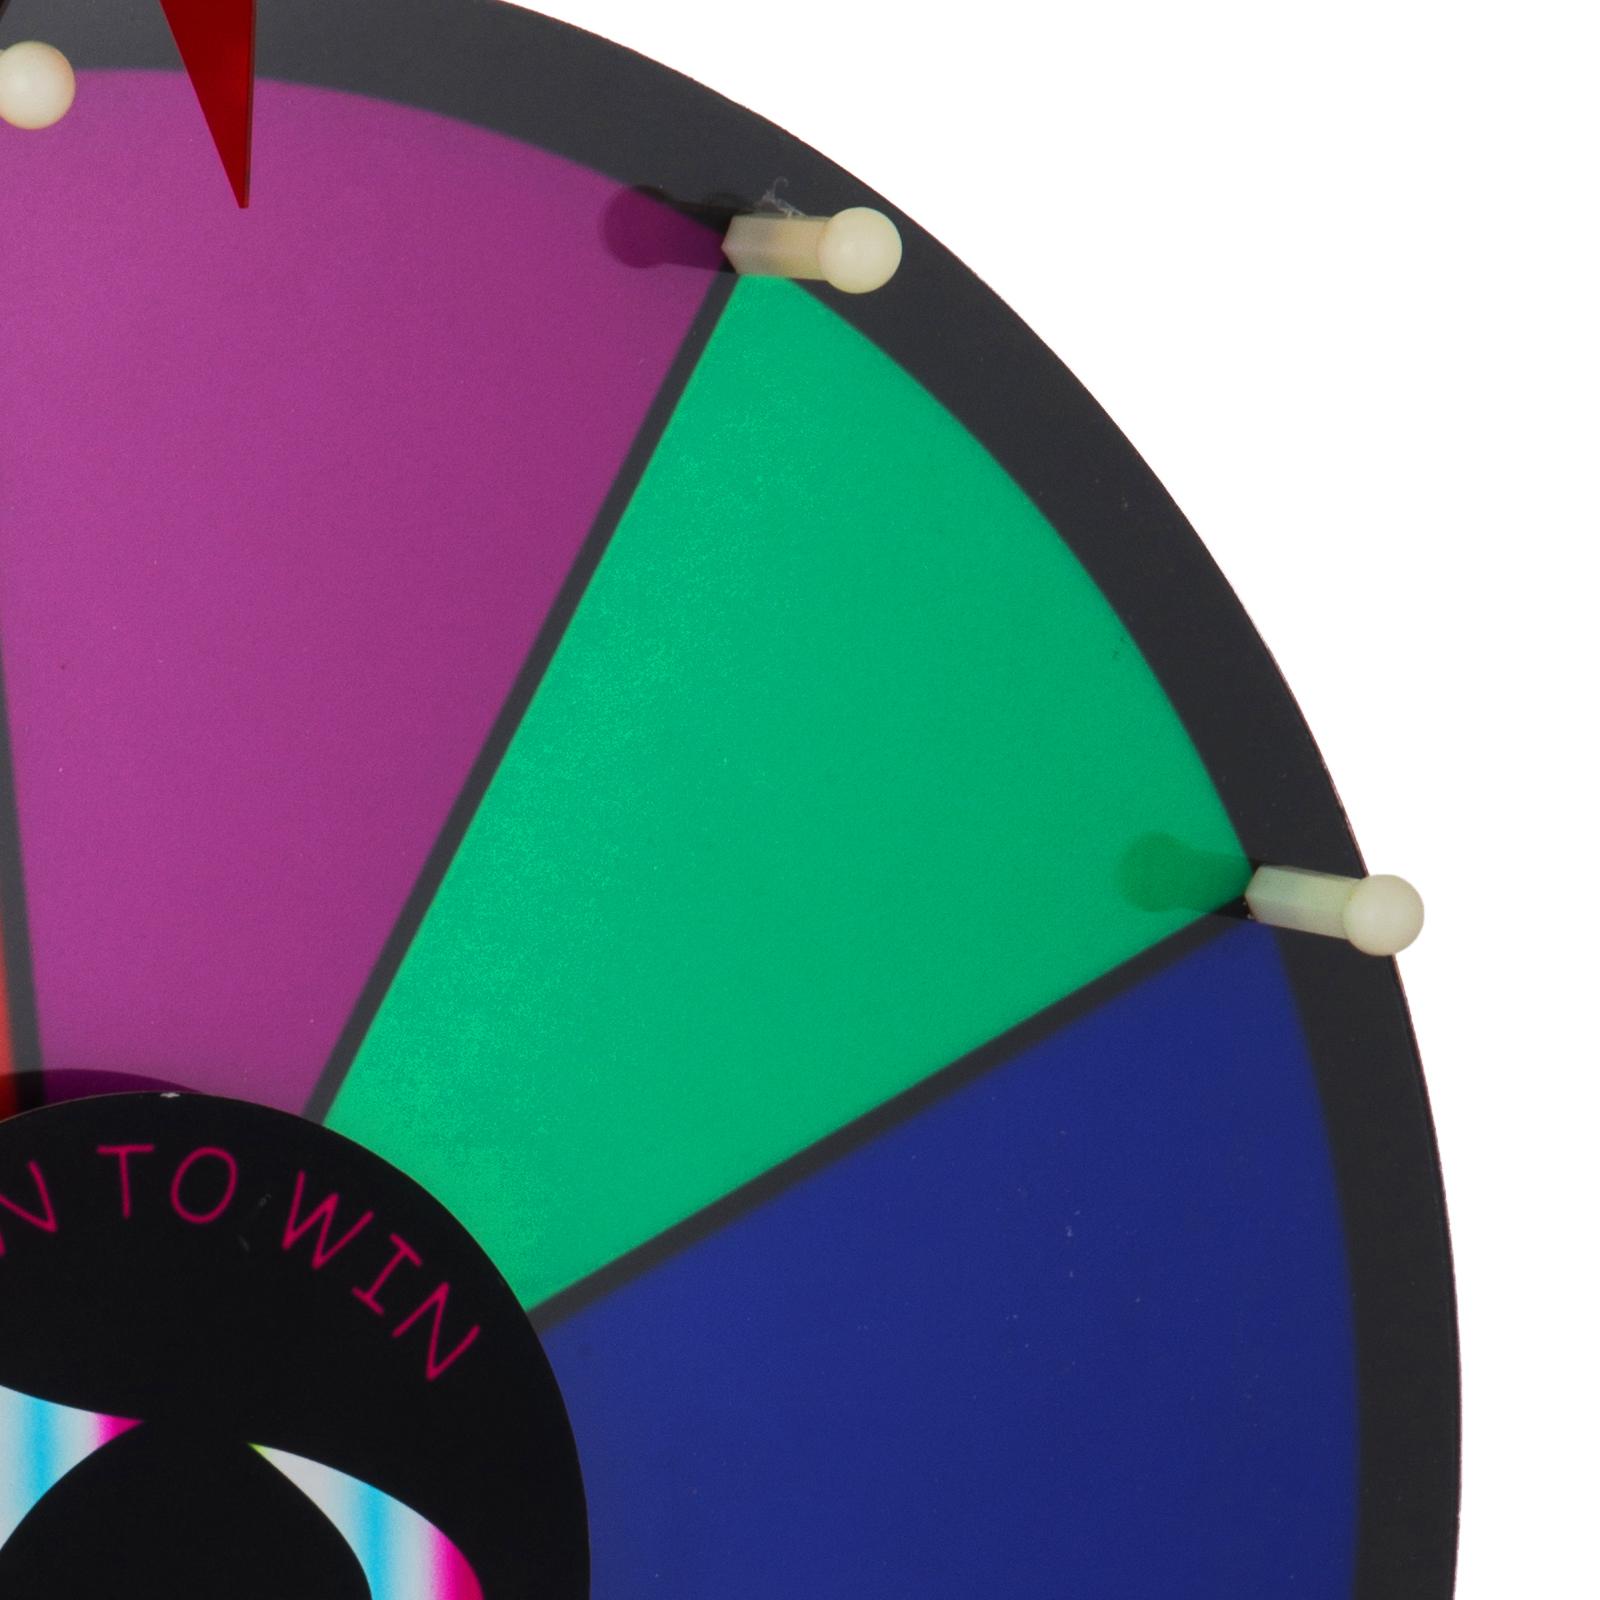 24-18-15-Ruota-Della-Fortuna-di-Colore-14-Slots-Gioco-Spin-Con-Supporto-Festa miniatura 21